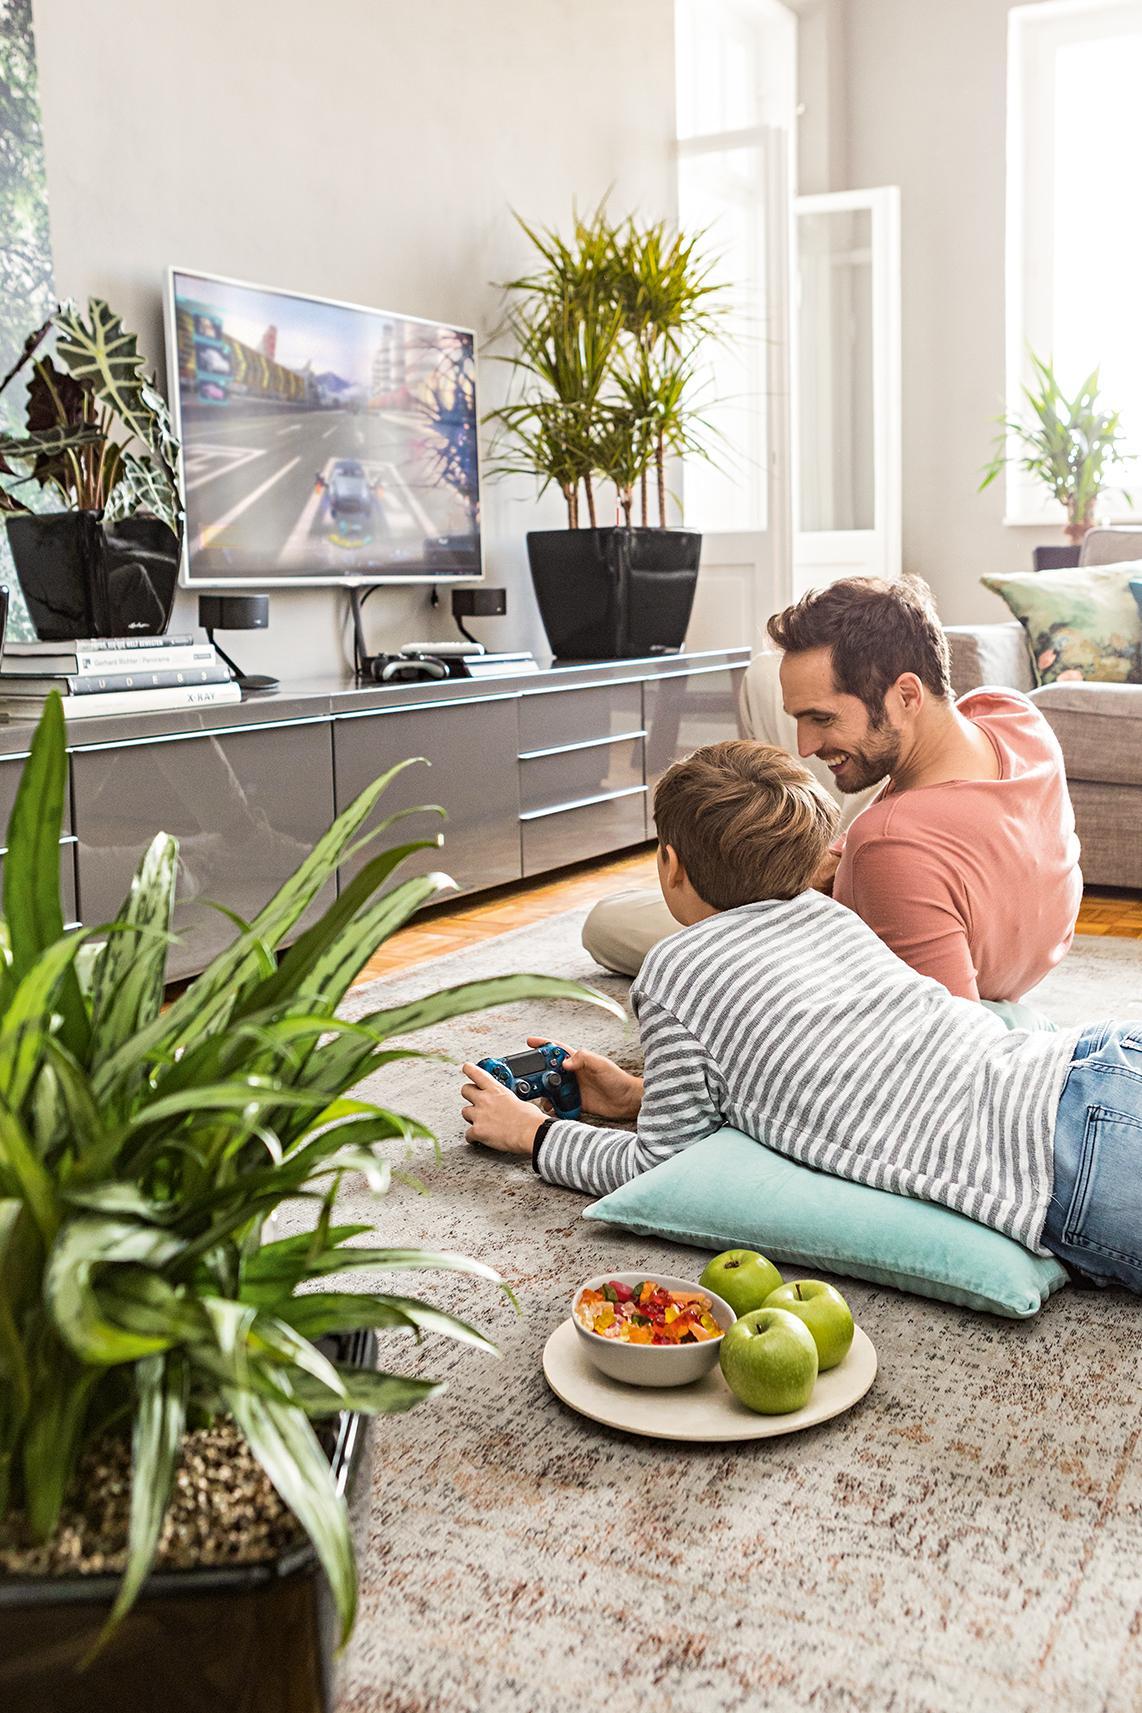 Αέρας αναζωογόνησης στο σπίτι σας με LECHUZA Quadro